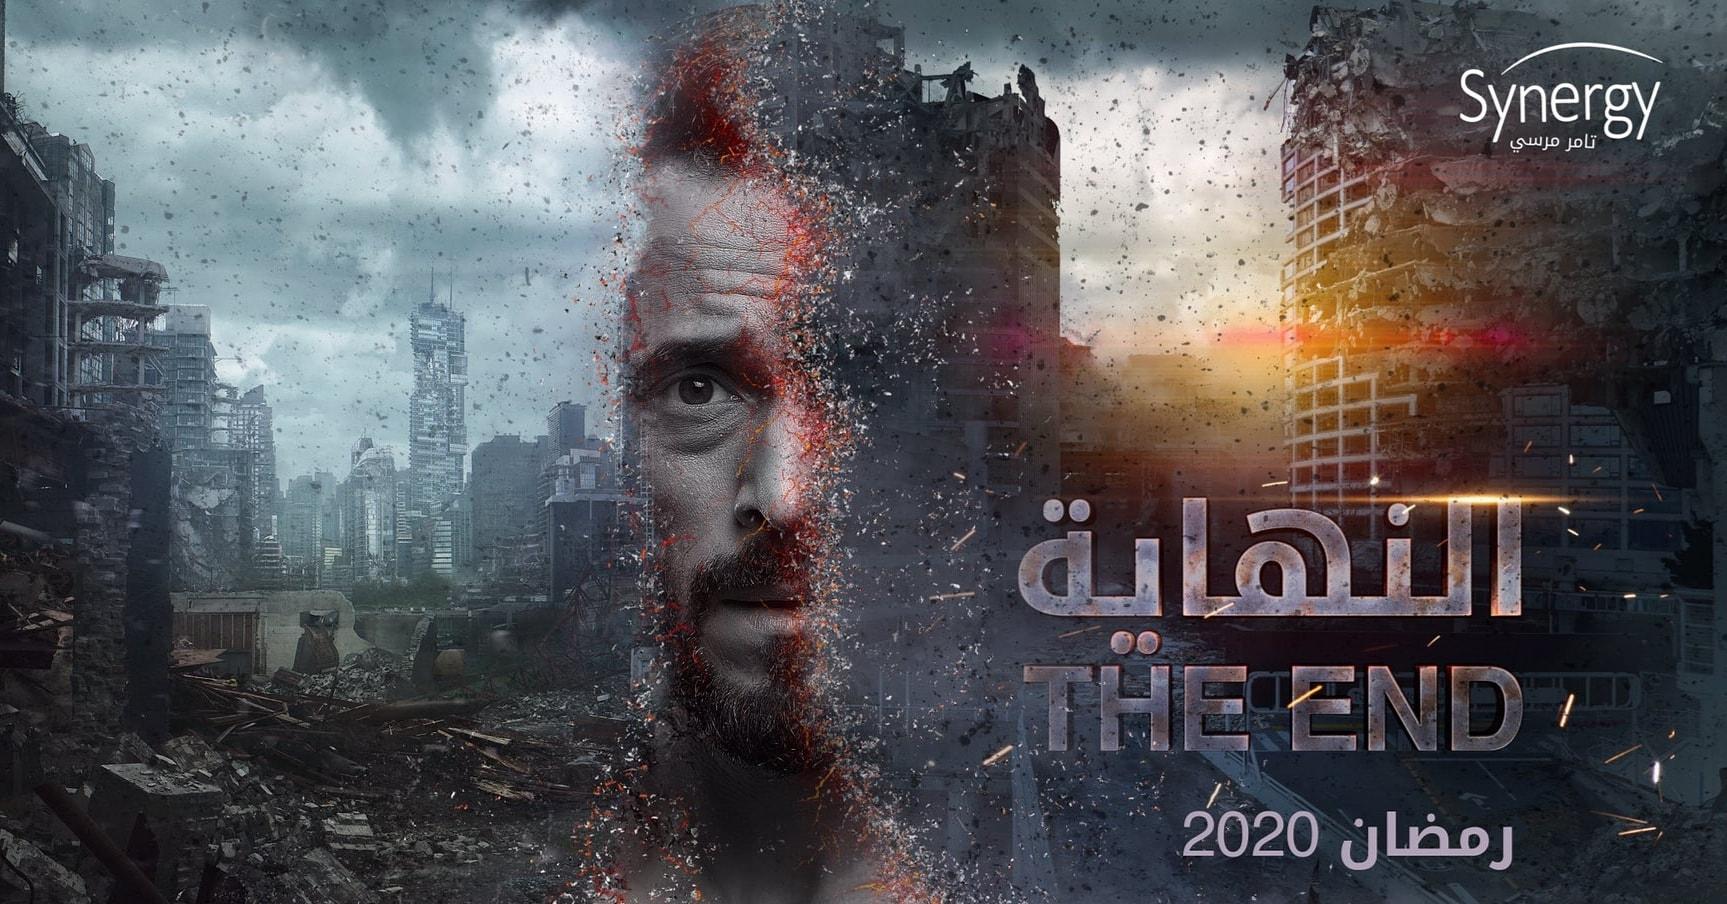 مسلسلات رمضان 2020 - مسلسل النهاية